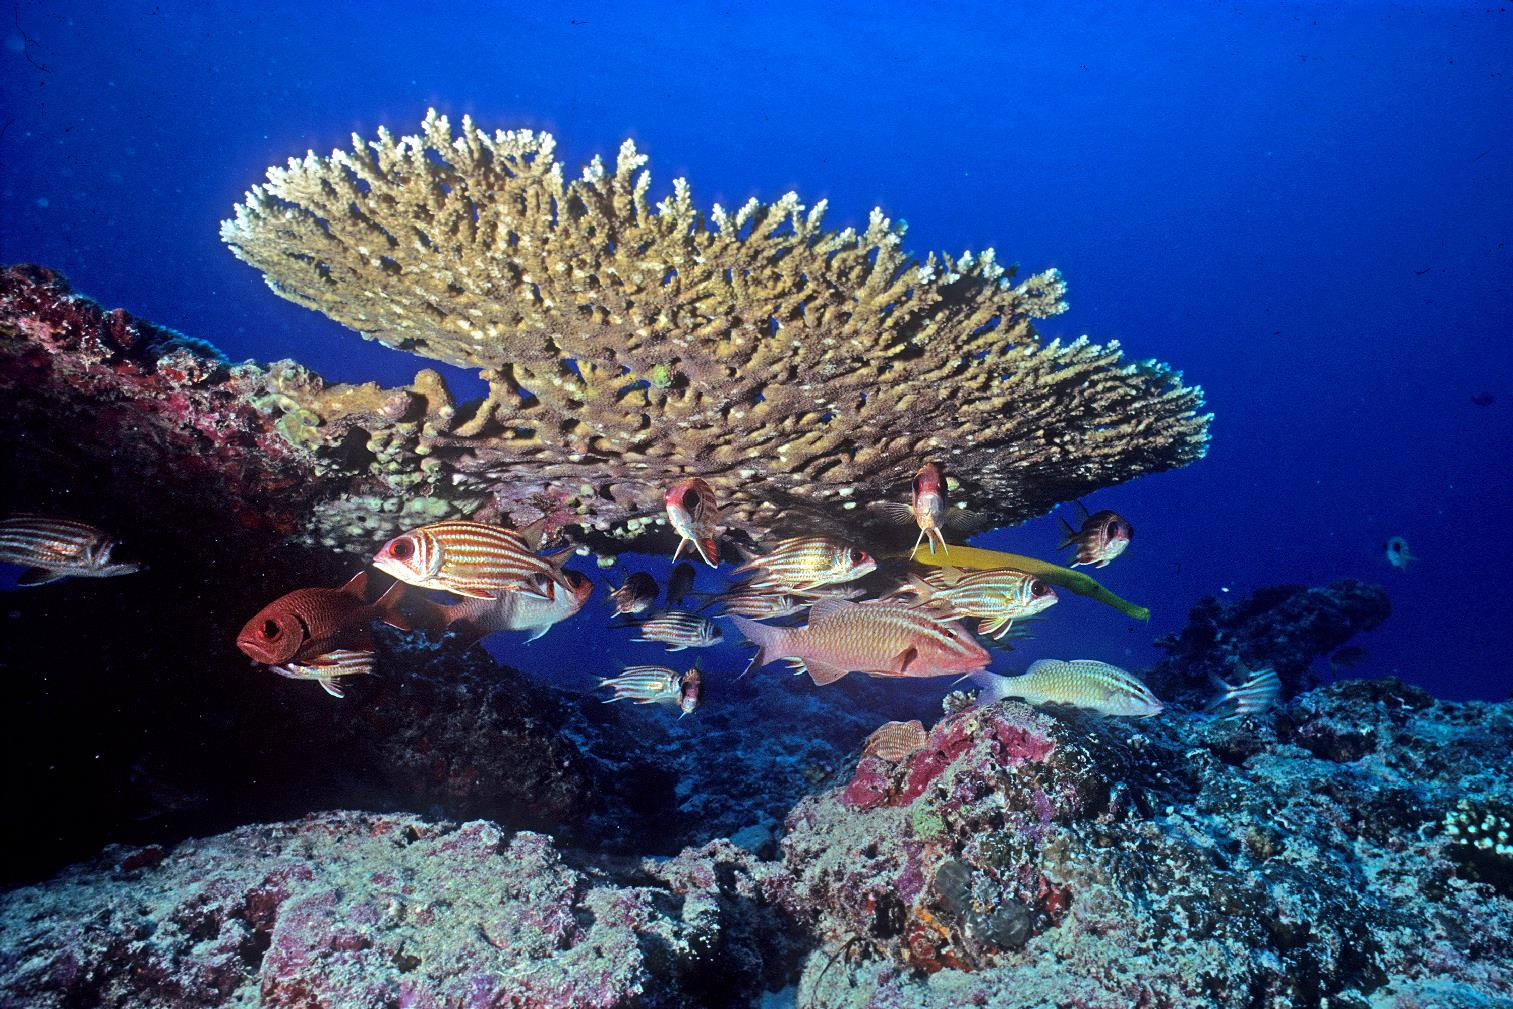 東沙海域魚群游過桌形軸孔珊瑚旁